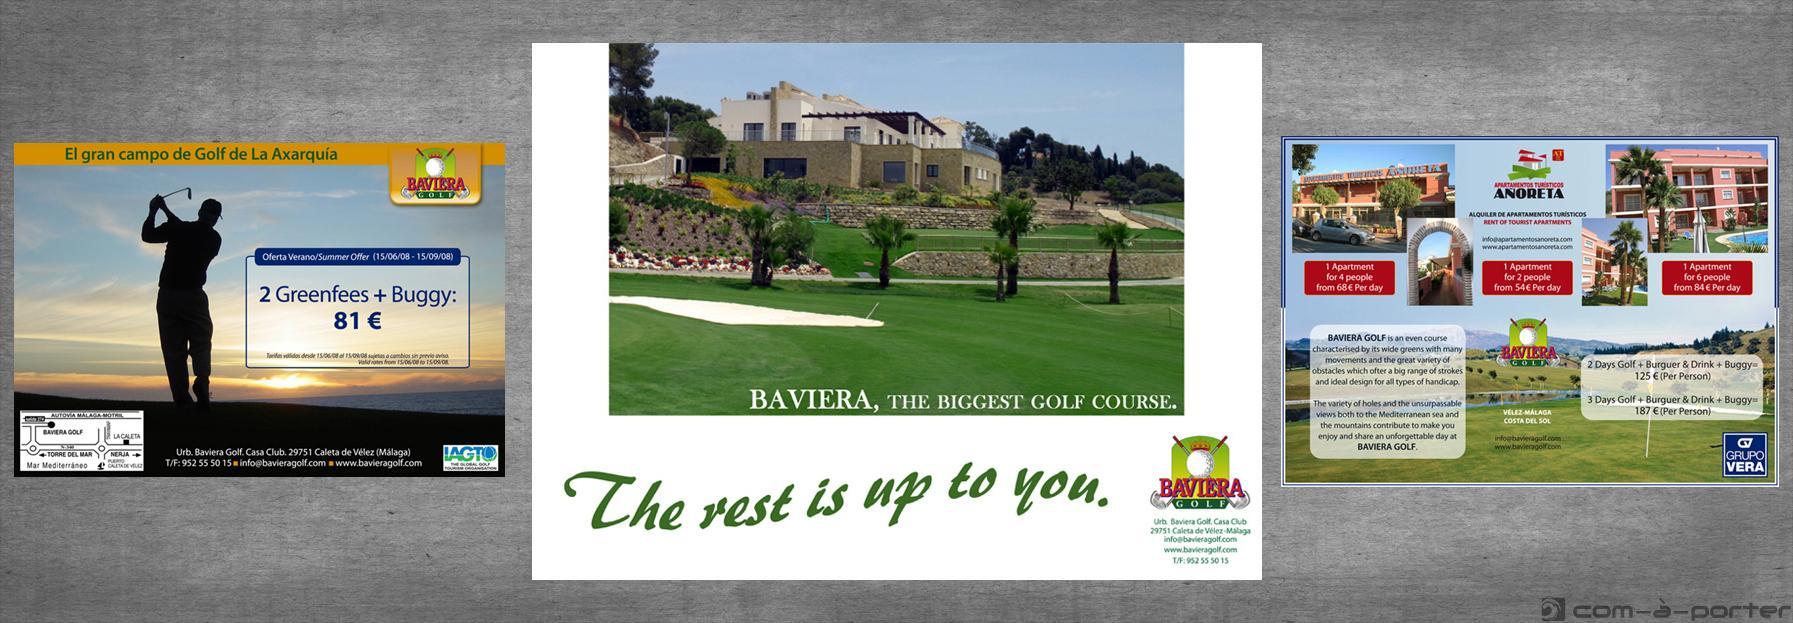 Medias páginas de Publicidad de Baviera Golf